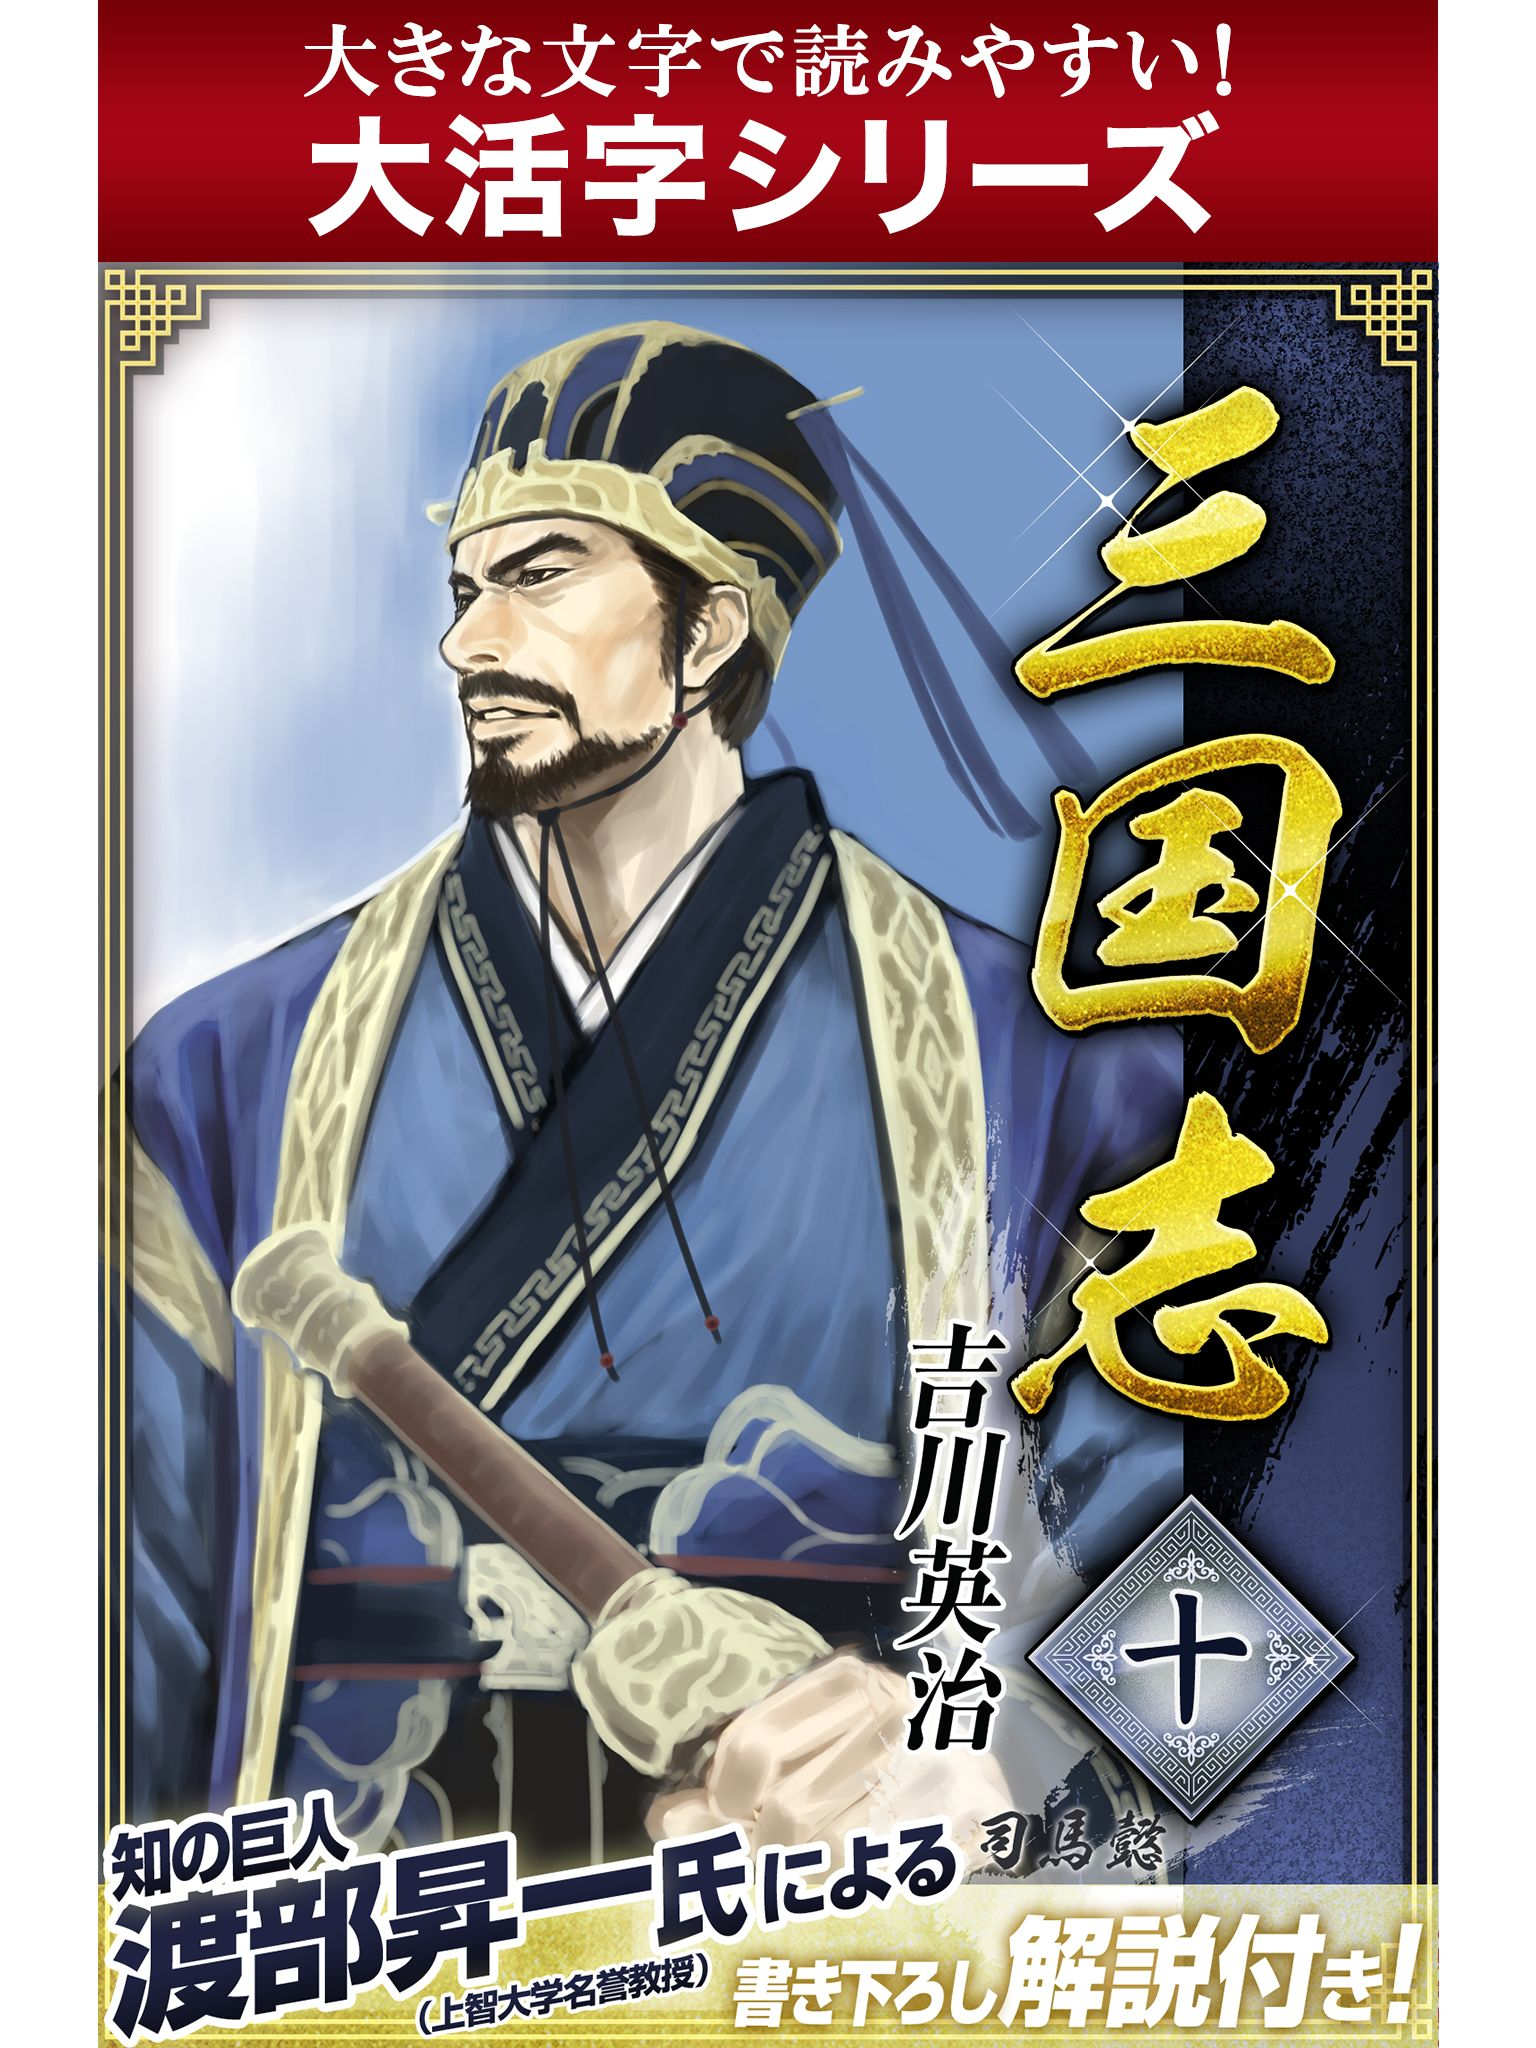 【大活字シリーズ】三国志 10巻